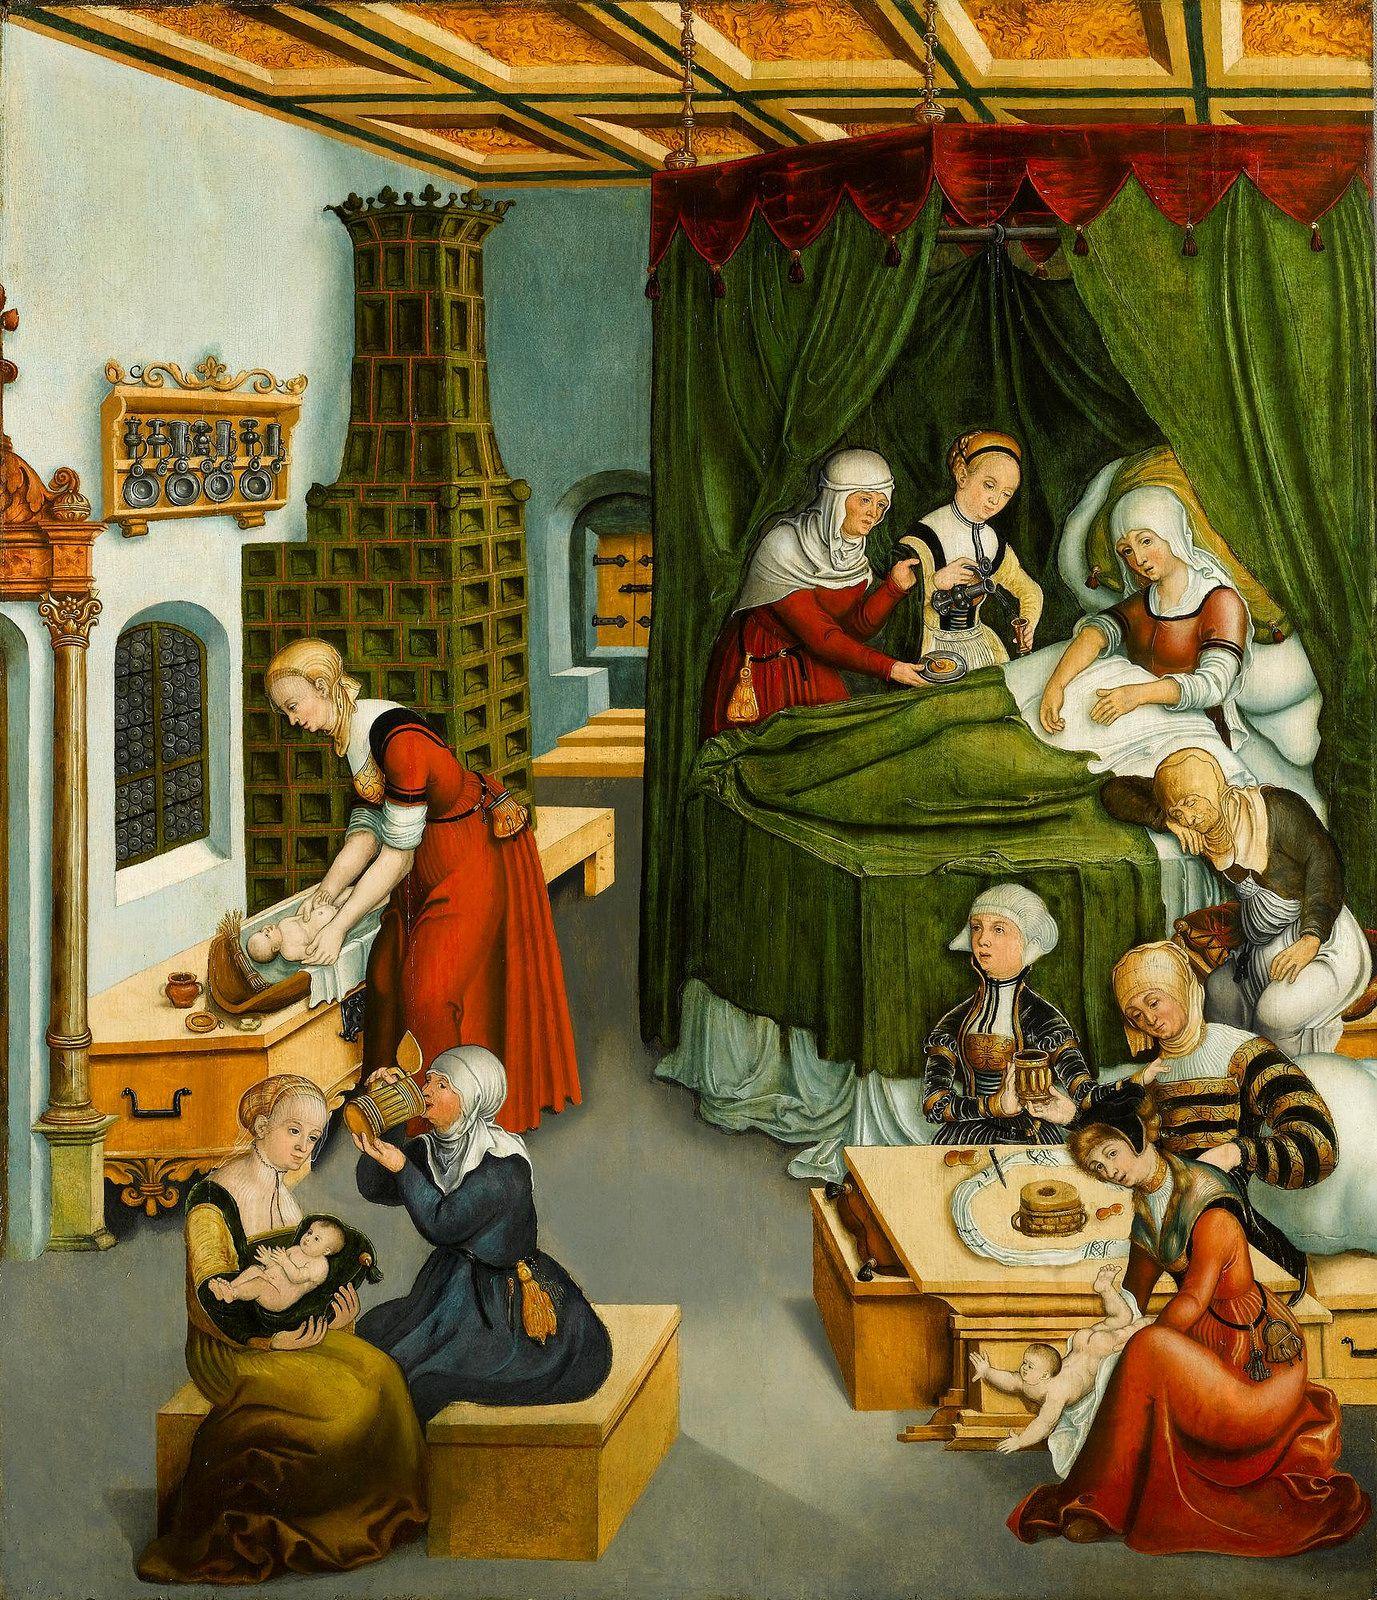 Circle of Lucas Cranach the Elder - The Nativity (Kronach 1472 - Weimar 1553) ,